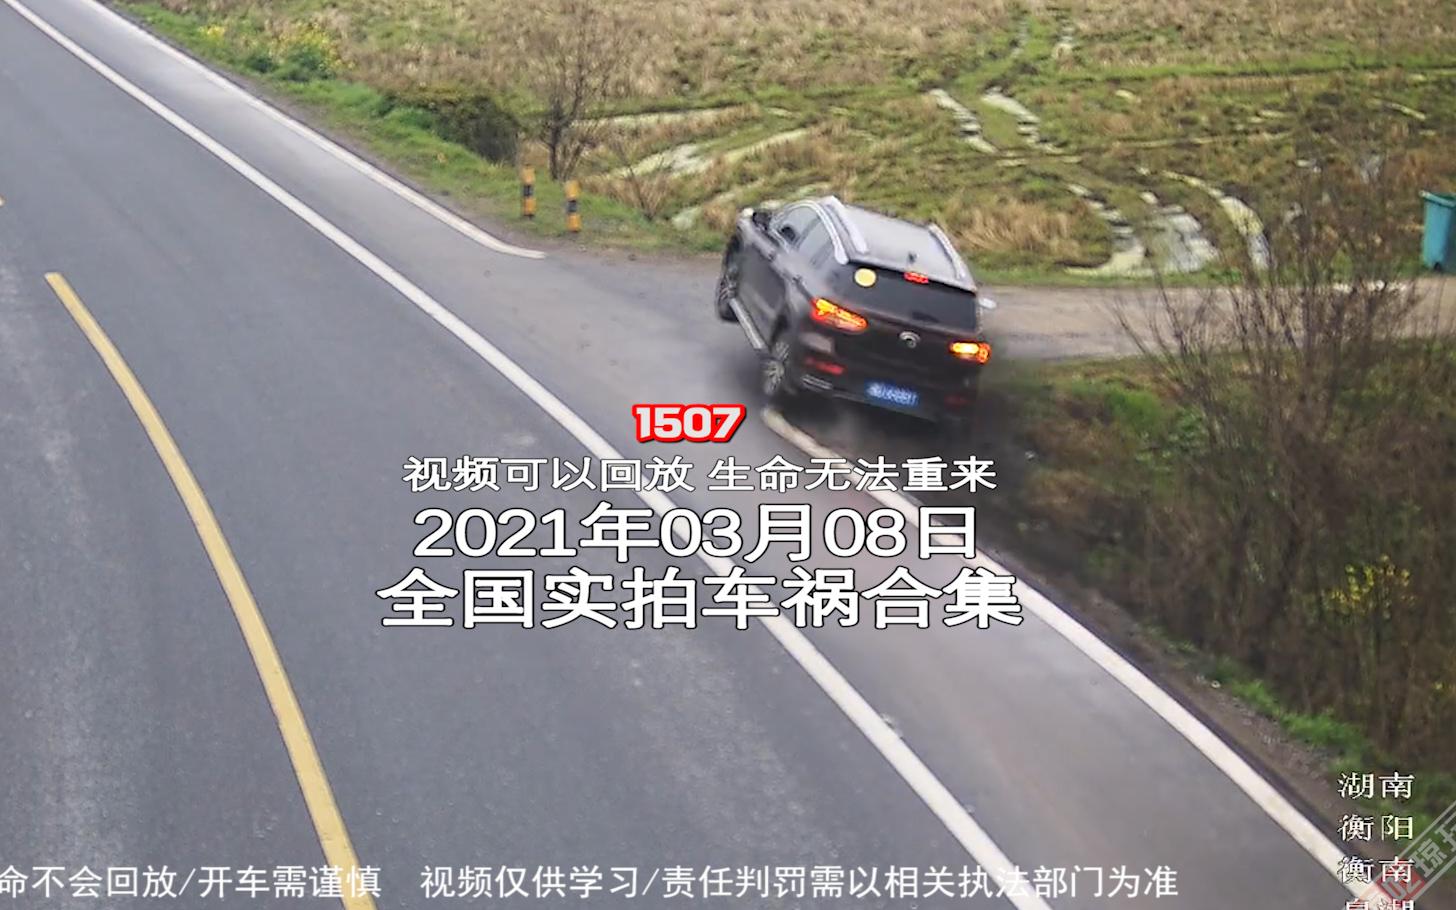 1507期:两车正面相撞,发动机被甩飞,司机也被甩出【20210308全国车祸合集】